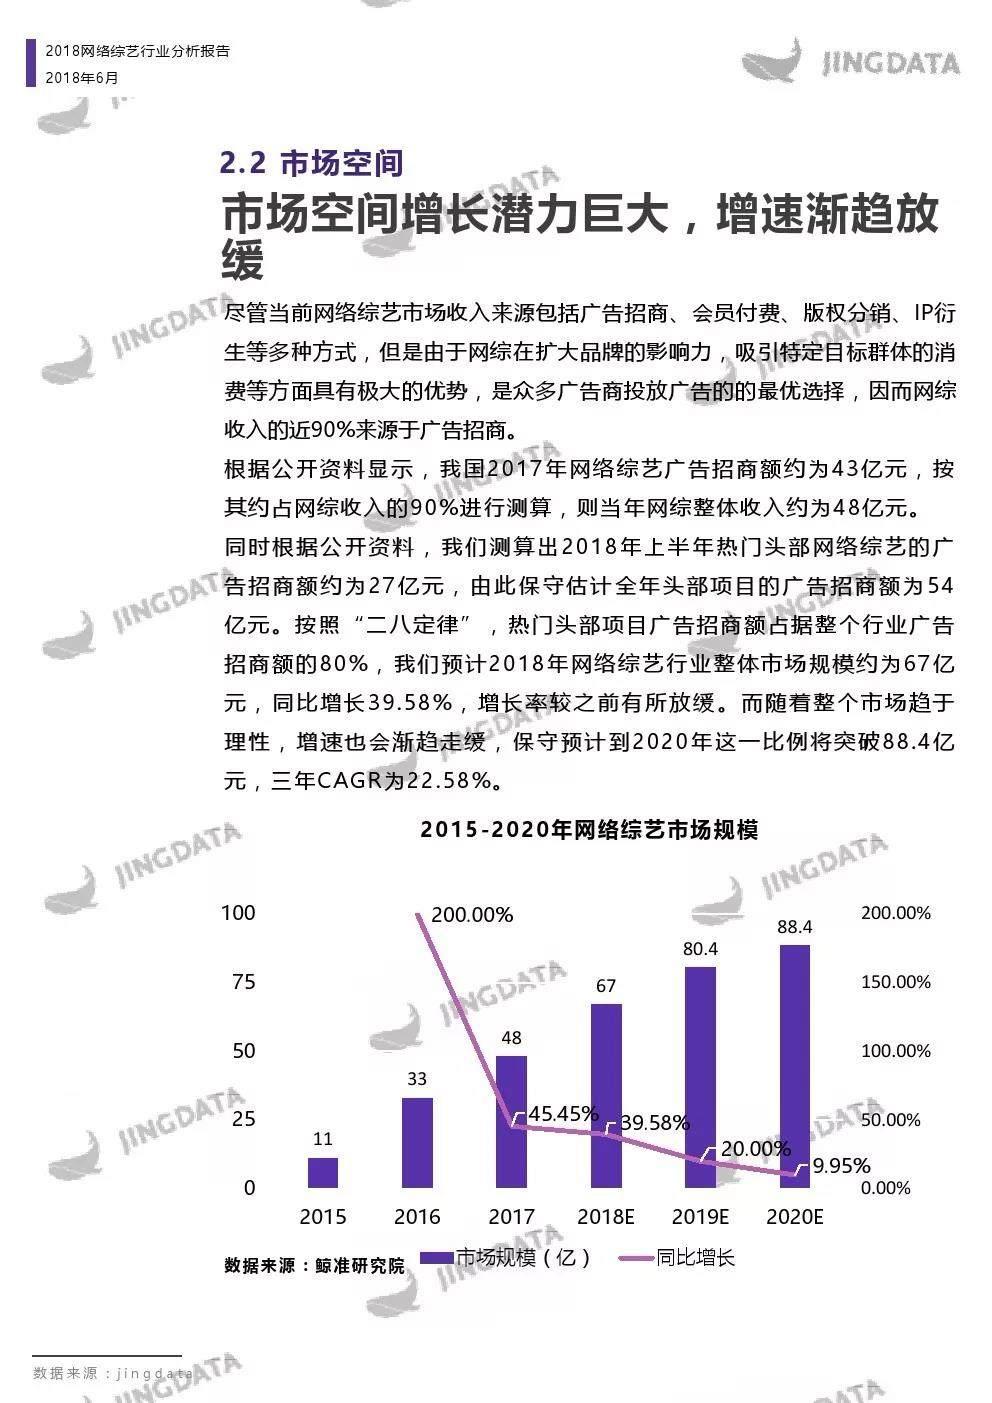 2018网络综艺行业报告发布:四大主流视频网站差异化发展